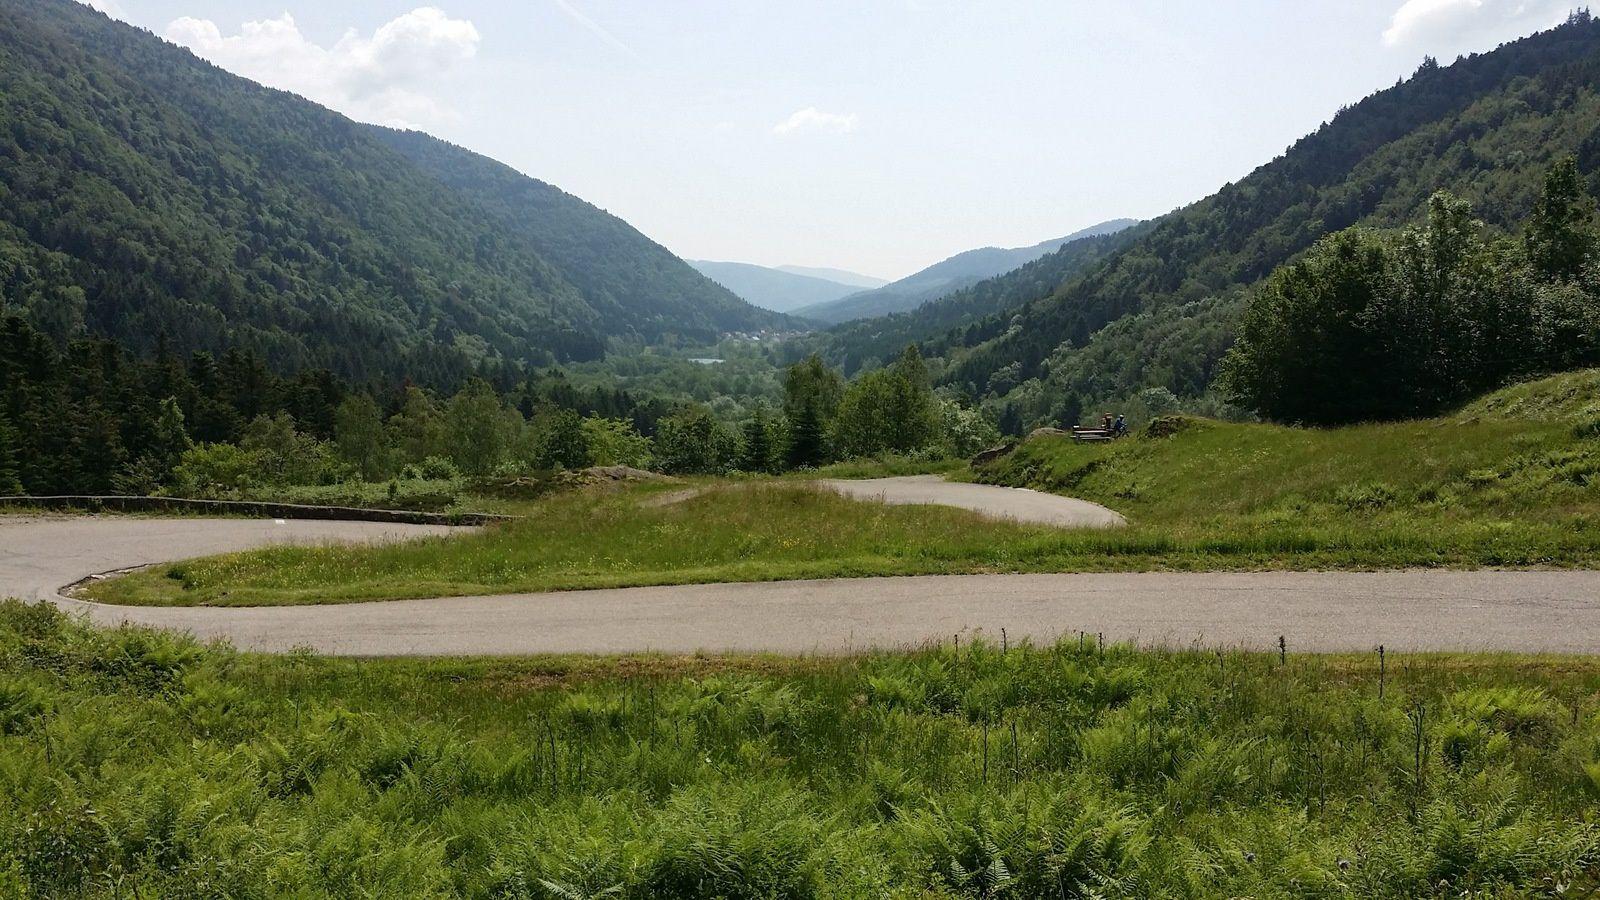 Après un second passage au sommet, je redescends vers Sewen. Ma voiture m'attend tout là-bas, à la sortie de la vallée. J'aurai réussi ma folle sortie